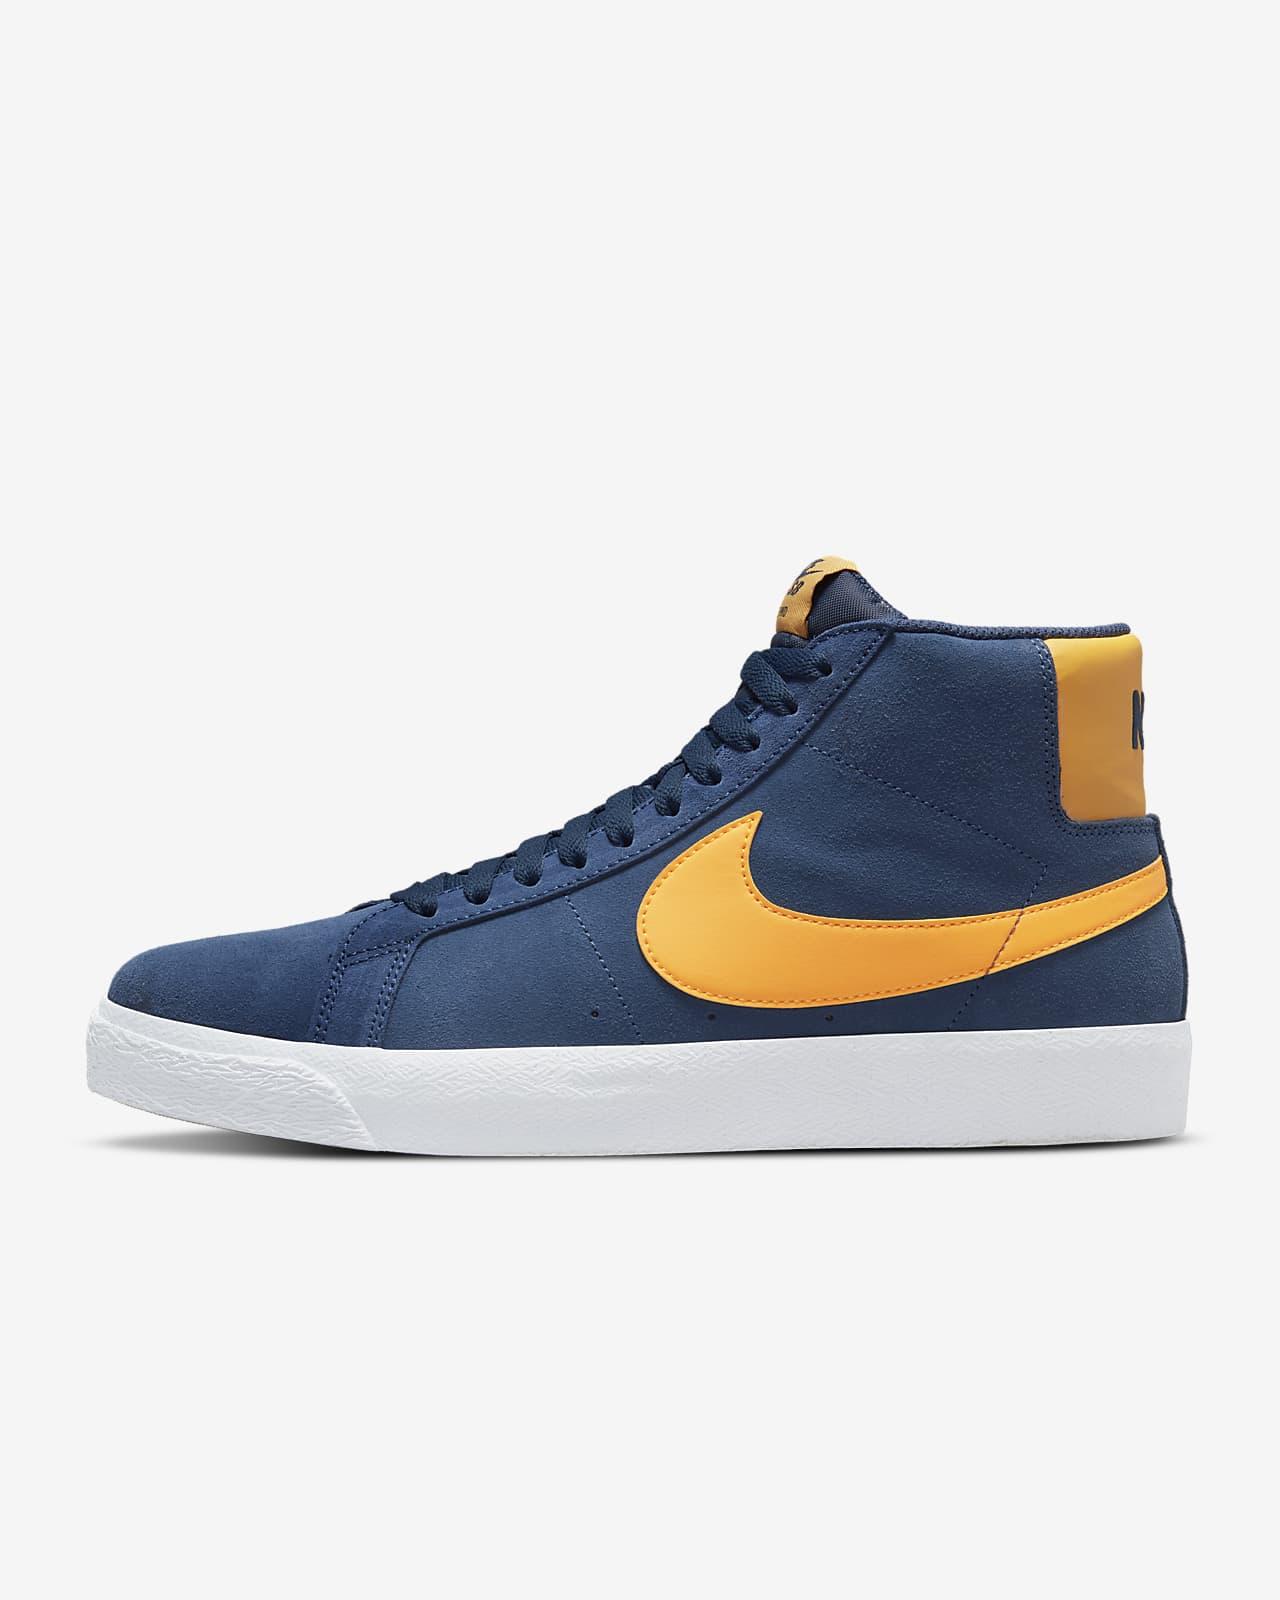 Nike SB Zoom Blazer Mid 'Navy / University Gold'